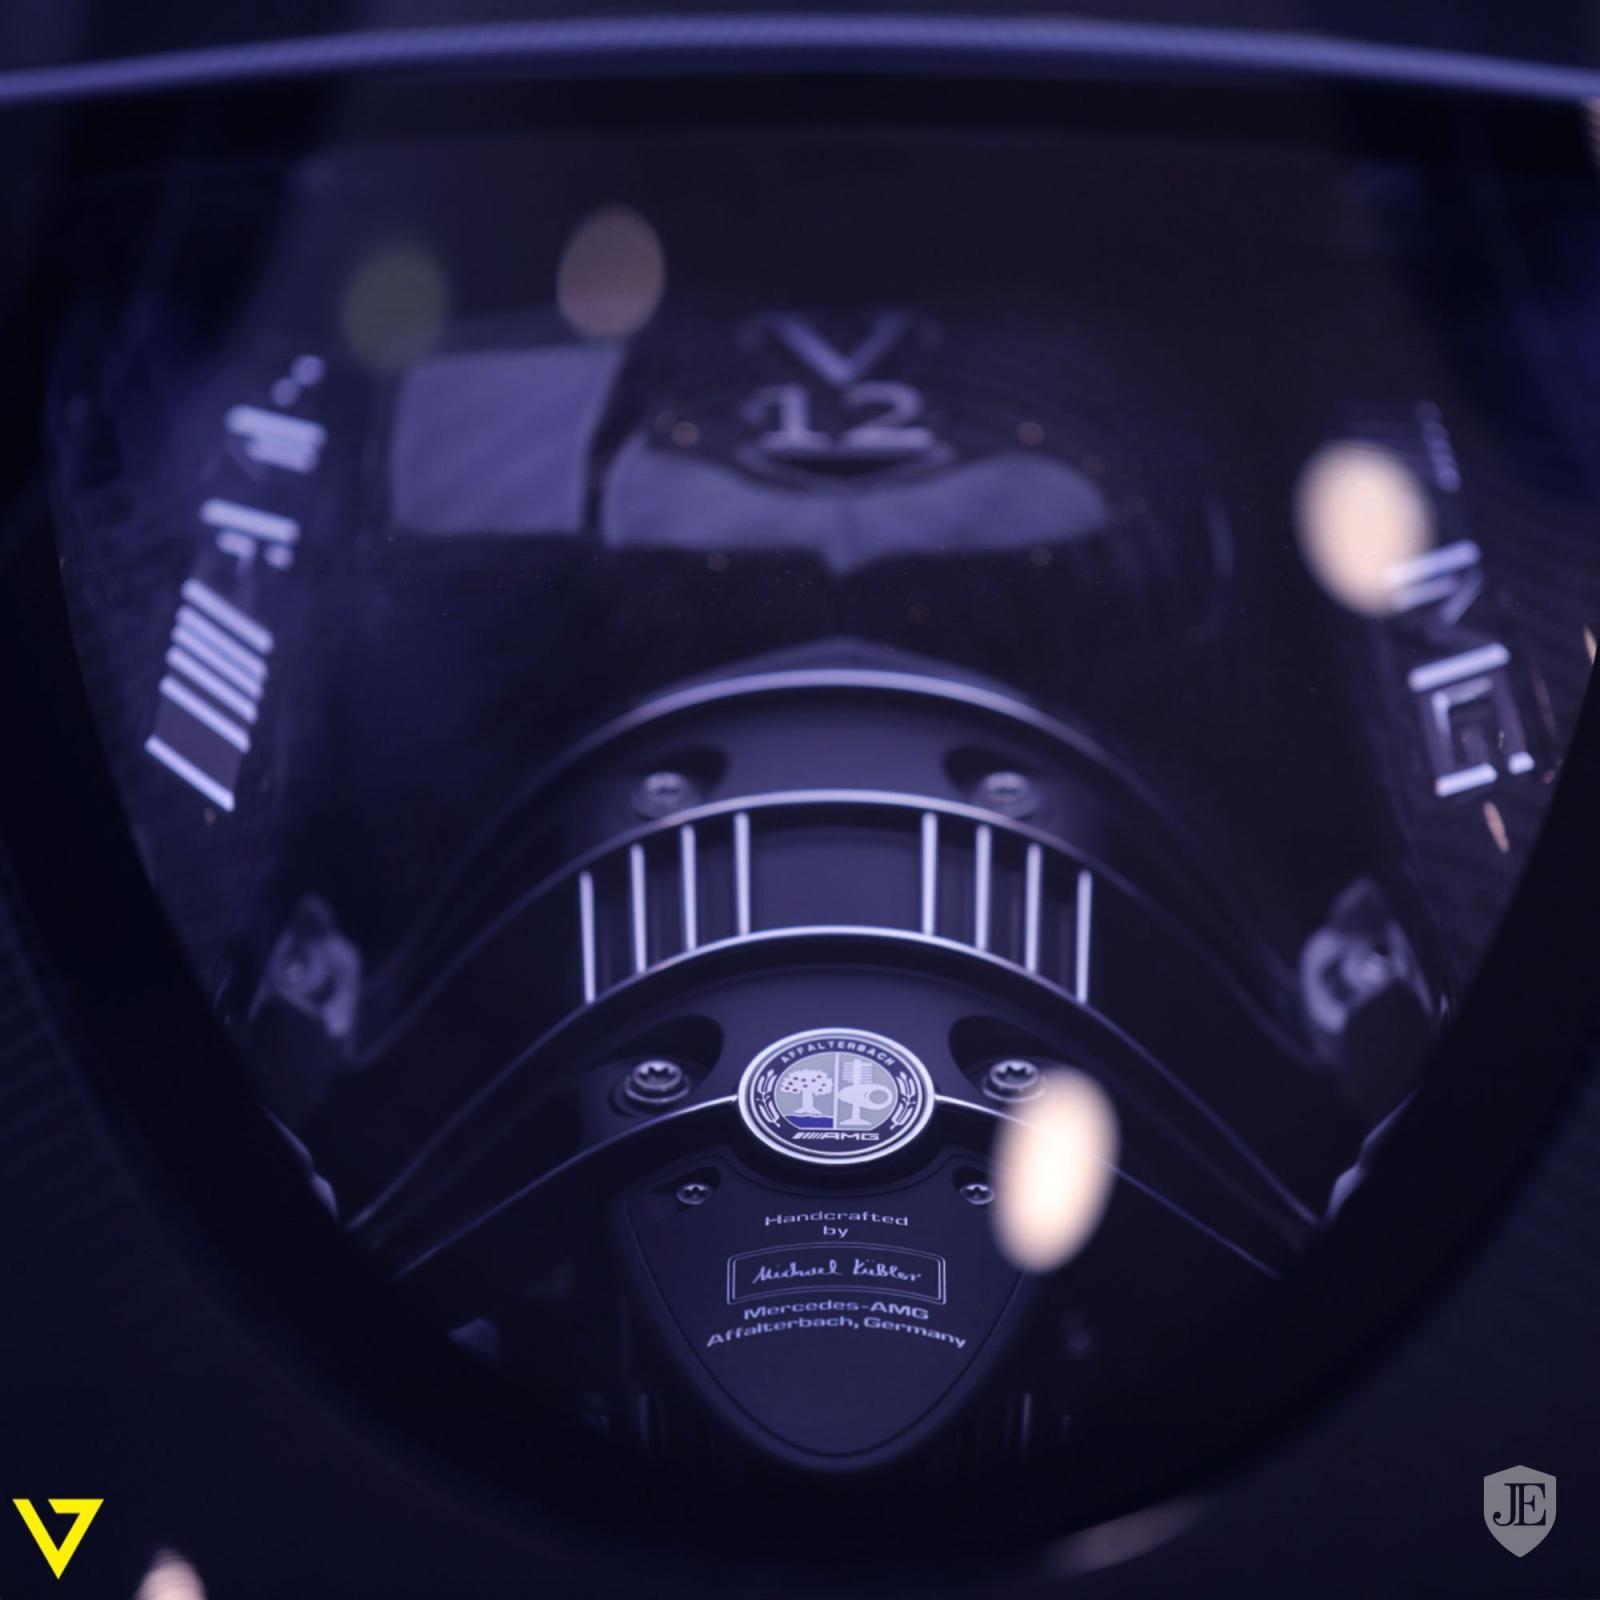 Hệ dẫn động của chiếc Pagani Huayra Roadster vẫn là động cơ V12 Biturbo, dung tích 6.0 lít tiêu chuẩn do Mercedes-AMG sản xuất